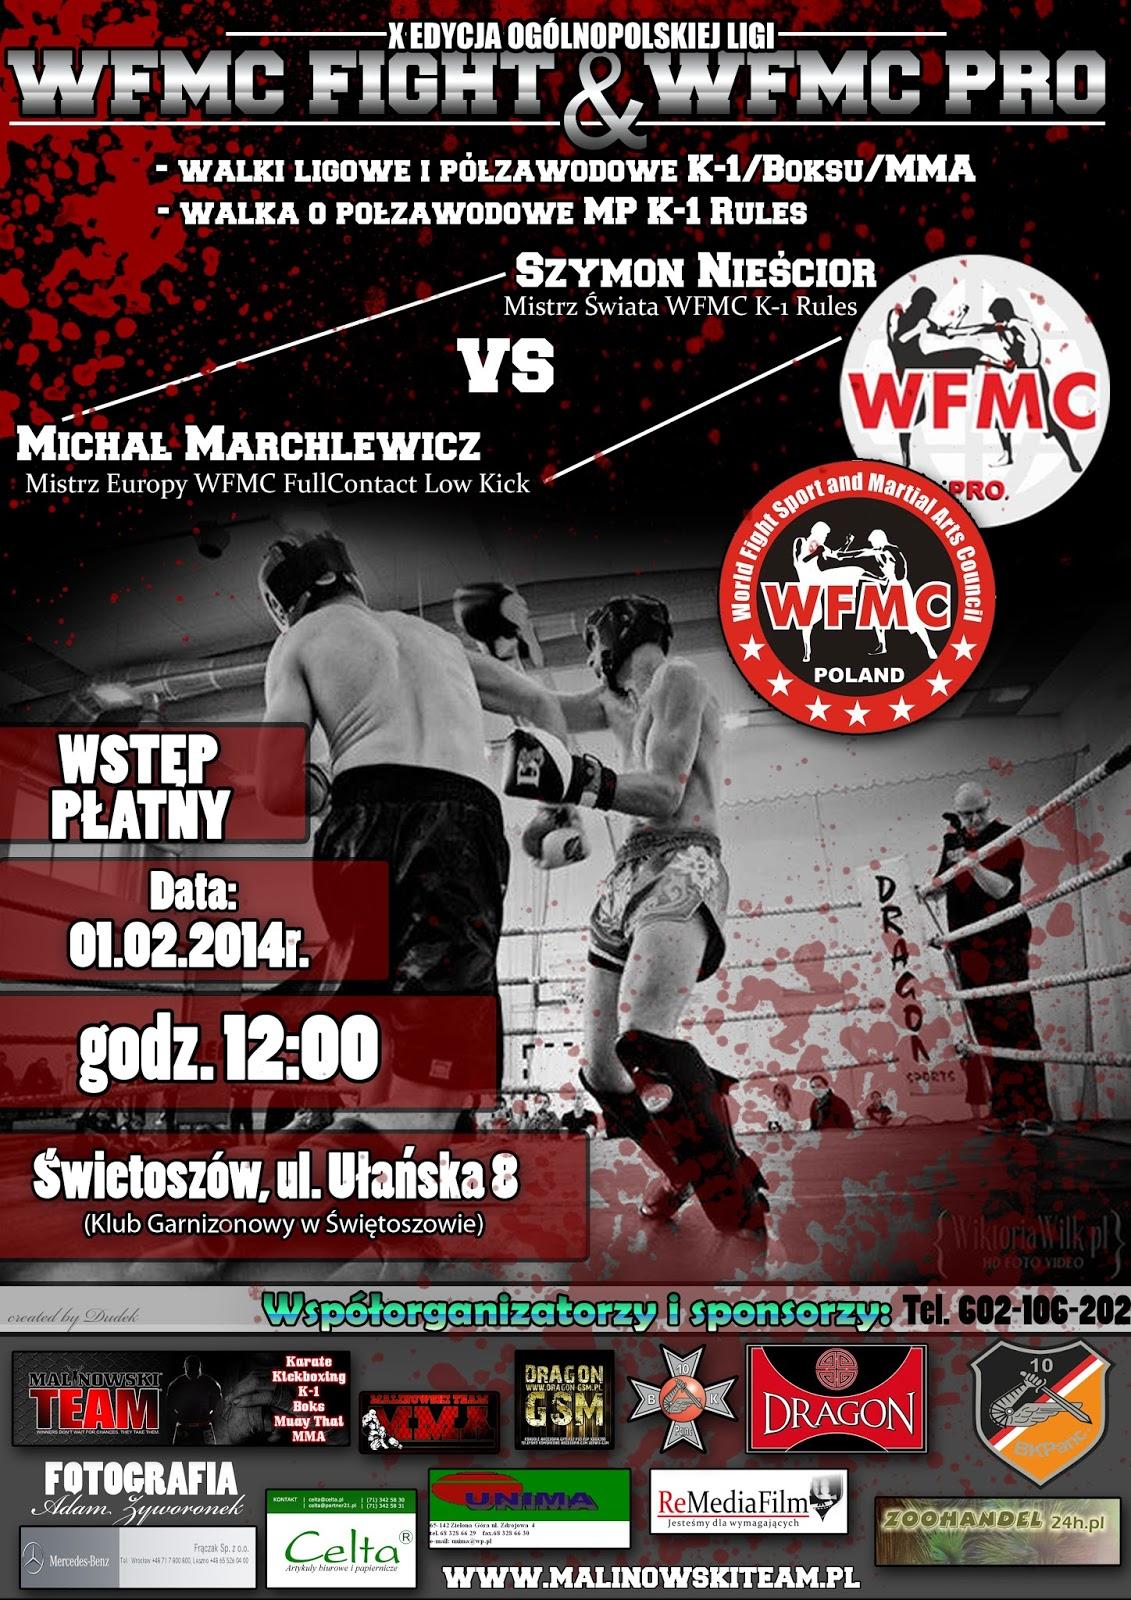 WFMC, Świętoszów, Wojsko Polskie, Klub Garnizonowy, K-1, MMA, boks, turniej, trening, kickboxing,